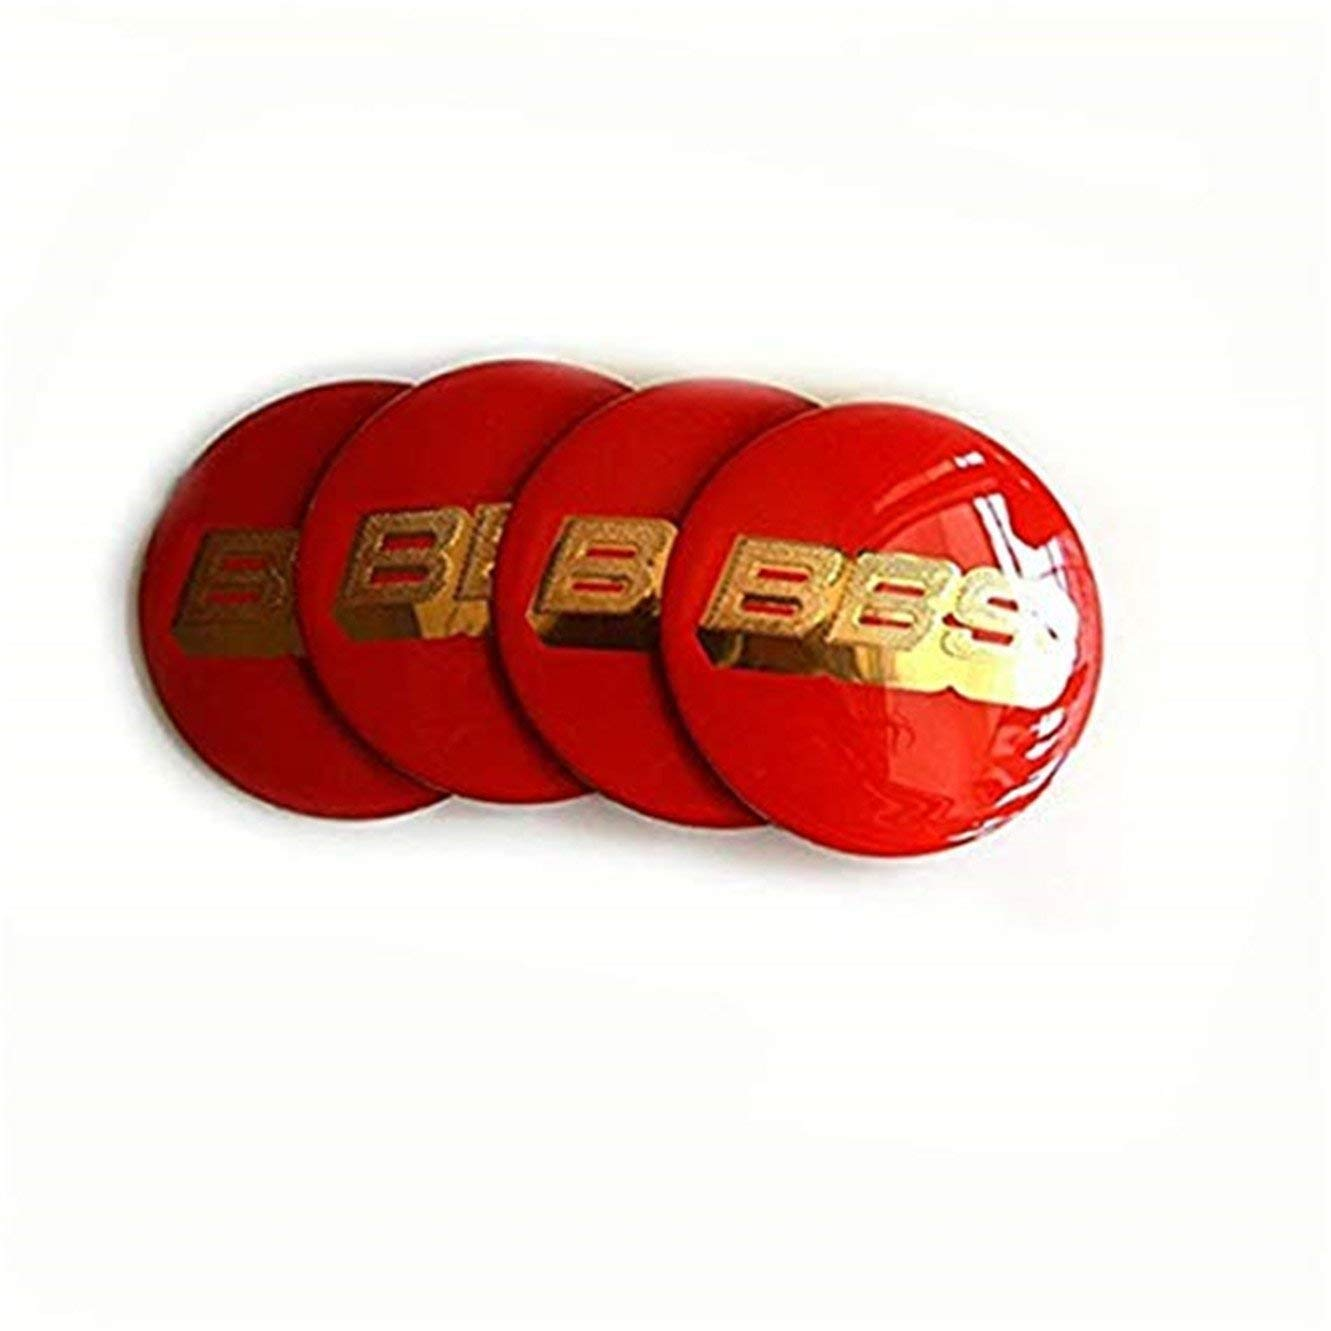 okokk90909o BBS Red//Gold Centro Centrale Caps Emblemi 4 unidi Conjunto 60mm BBS Car cap Insignia del Logotipo Adesivo Auto Wheel Center cap Casquillo emblemi